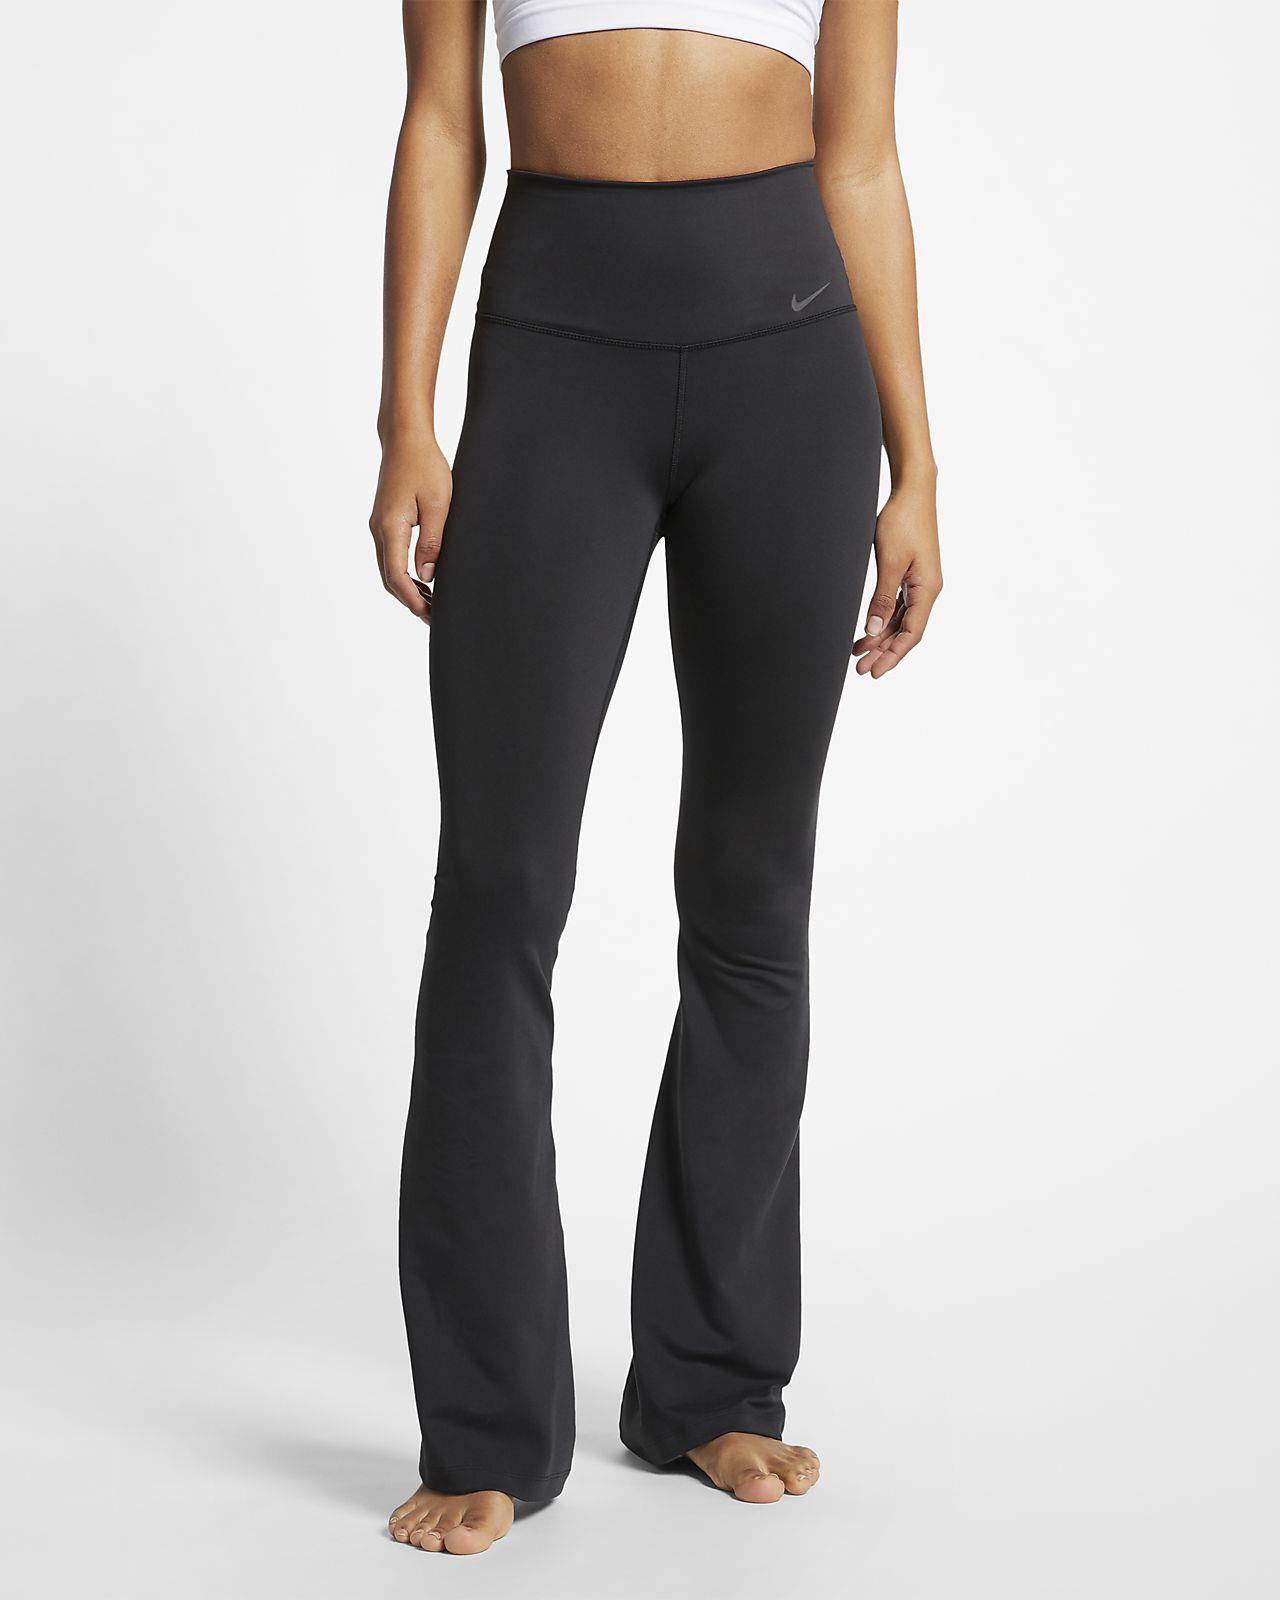 Mallas de entrenamiento para mujer Nike Power Dri-FIT